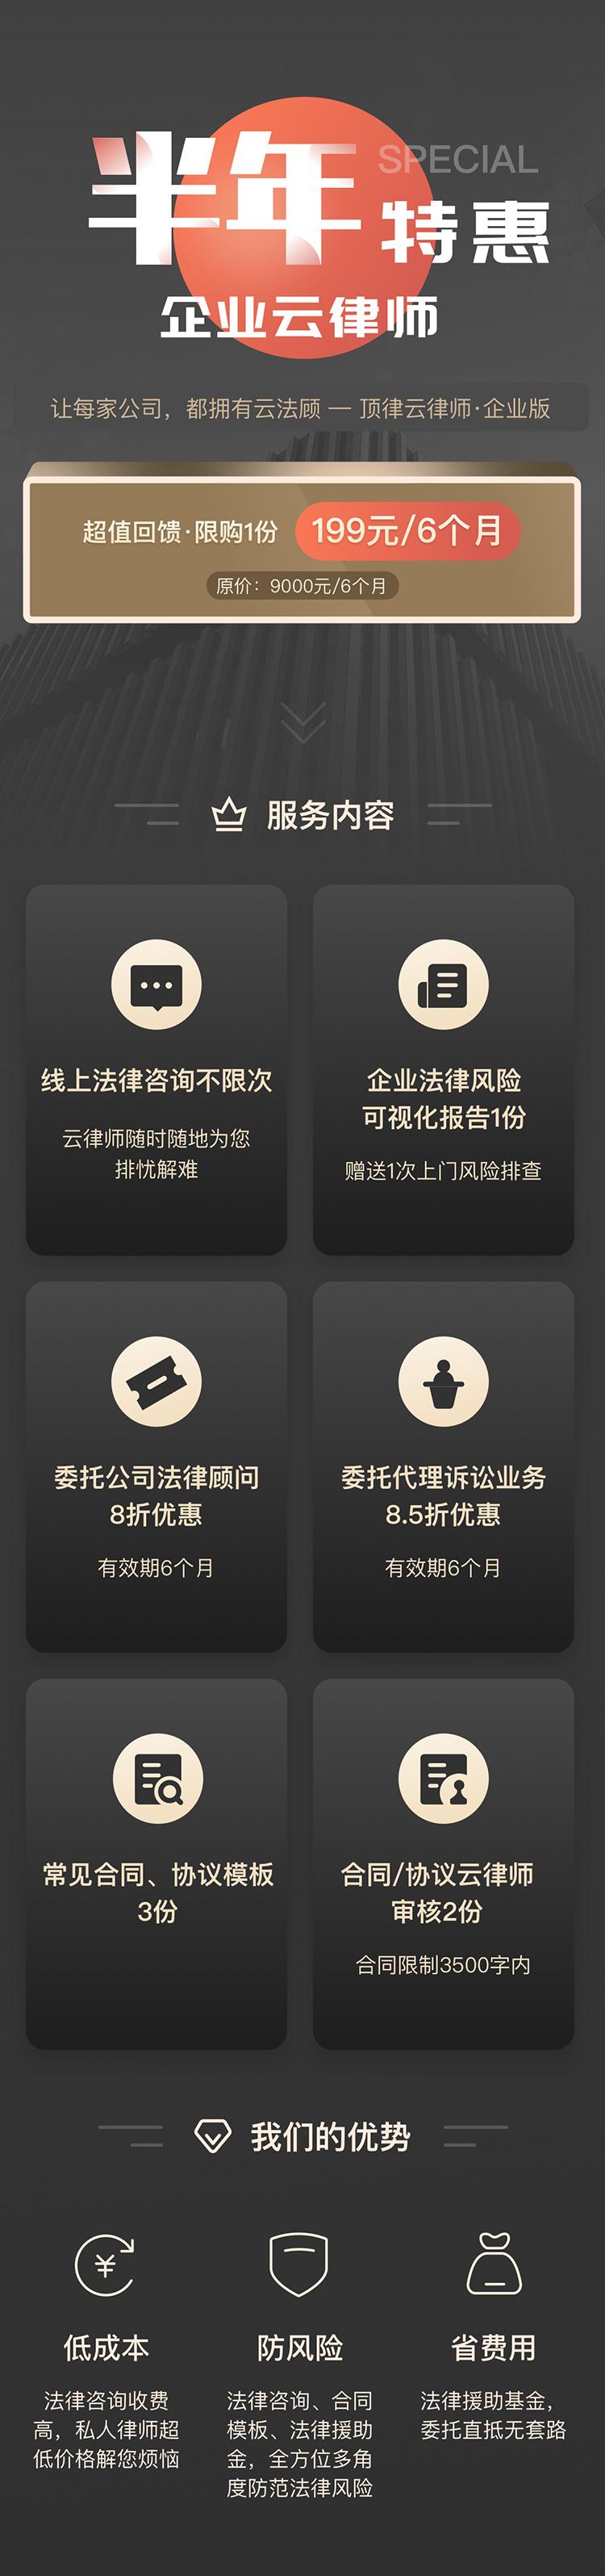 企业云律师-成都半年特惠(1).jpg